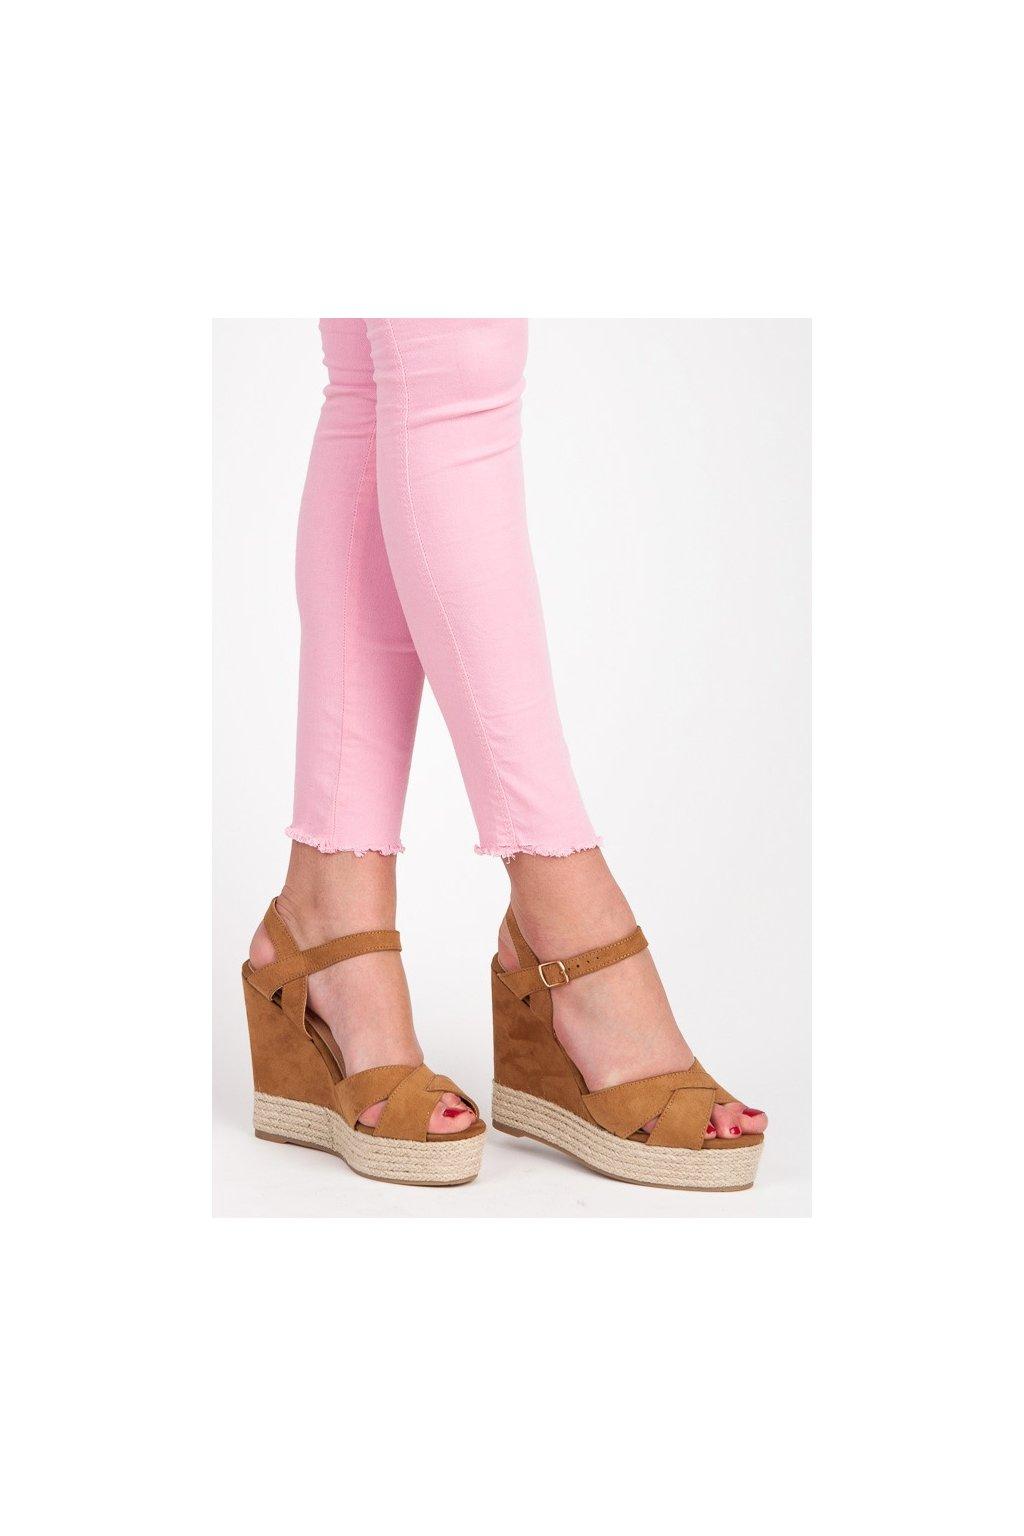 169287 semisove hnede sandale na kline 5a5730c big